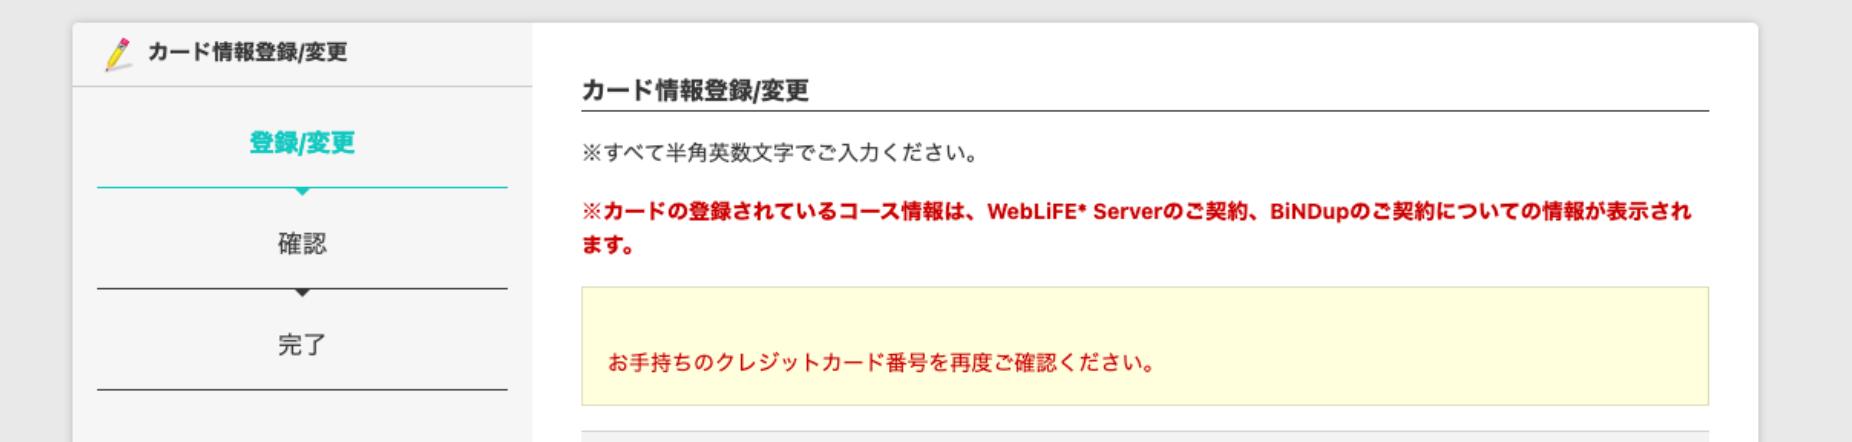 【解消】クレジットカード情報のご登録ができない事象を確認しております